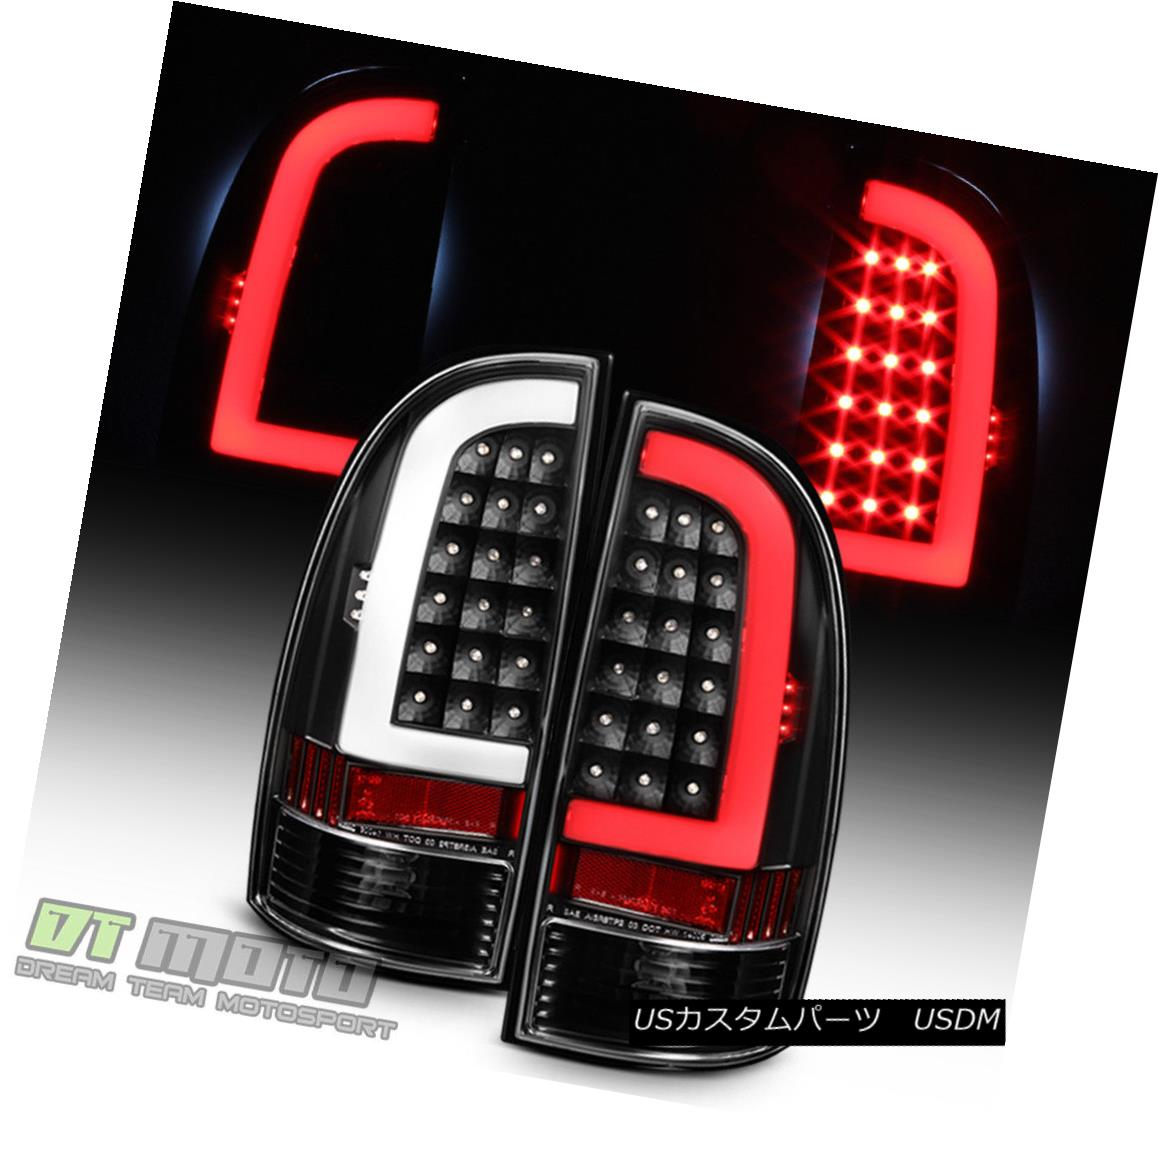 テールライト Blk [Light Bar Design] 2005-2015 Toyota Tacoma LED Tail Lights Brake Lamps 05-15 Blk [Light Bar Design] 2005-2015 Toyota Tacoma LEDテールライトブレーキランプ05-15